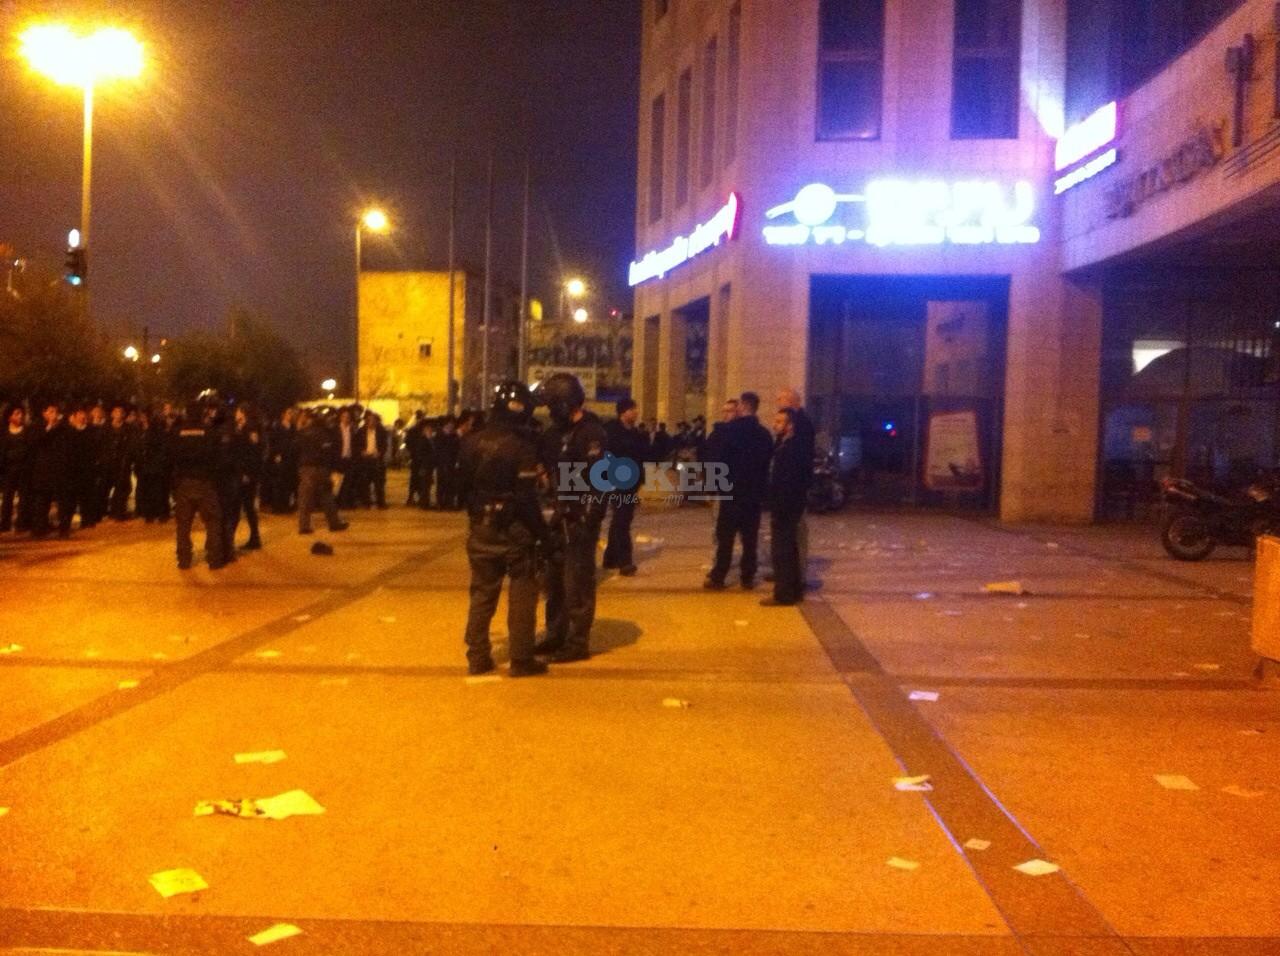 הפגנה נגד אמנון יצחק צילם חיים פביאן - סוכנות הידיעות חדשות 24 (12)